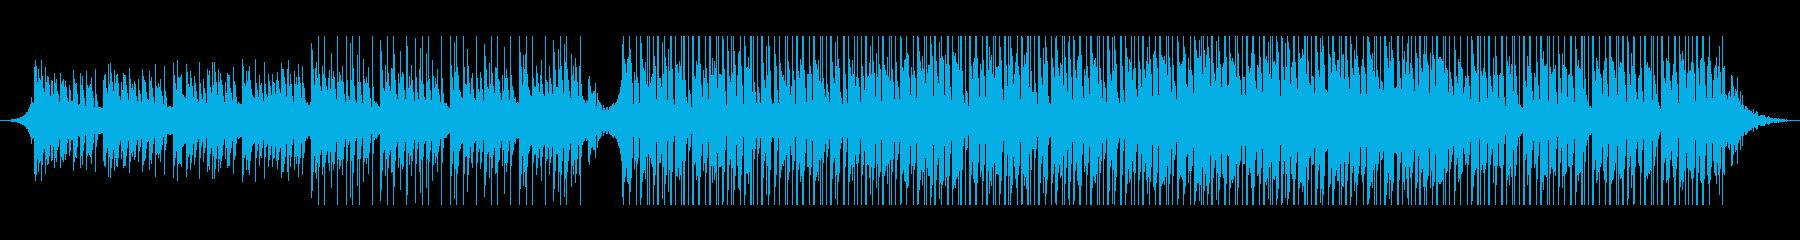 アラビア語の再生済みの波形